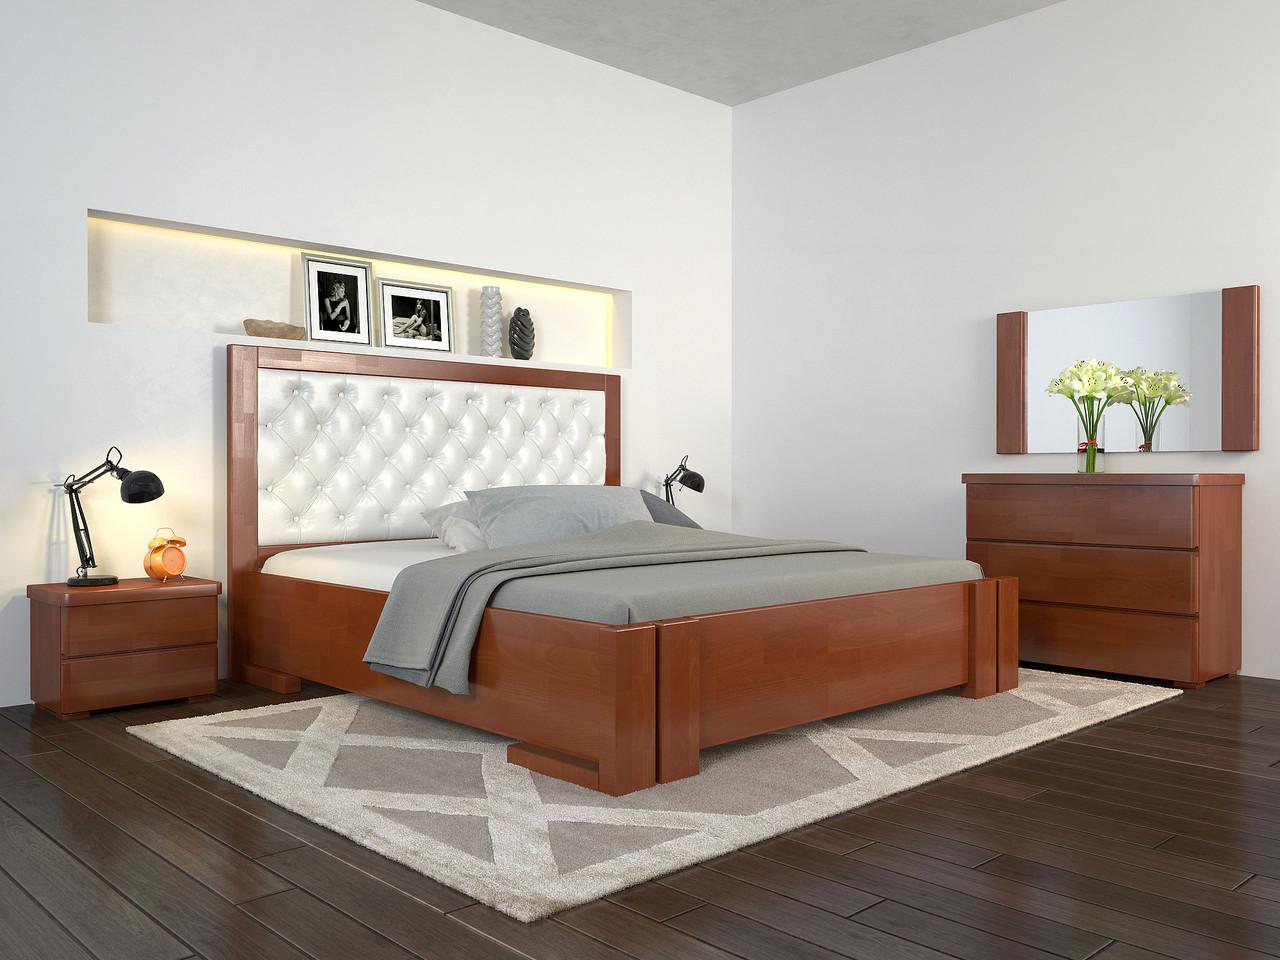 Кровать с механизмом Arbordrev Амбер ромбы (180*190) сосна